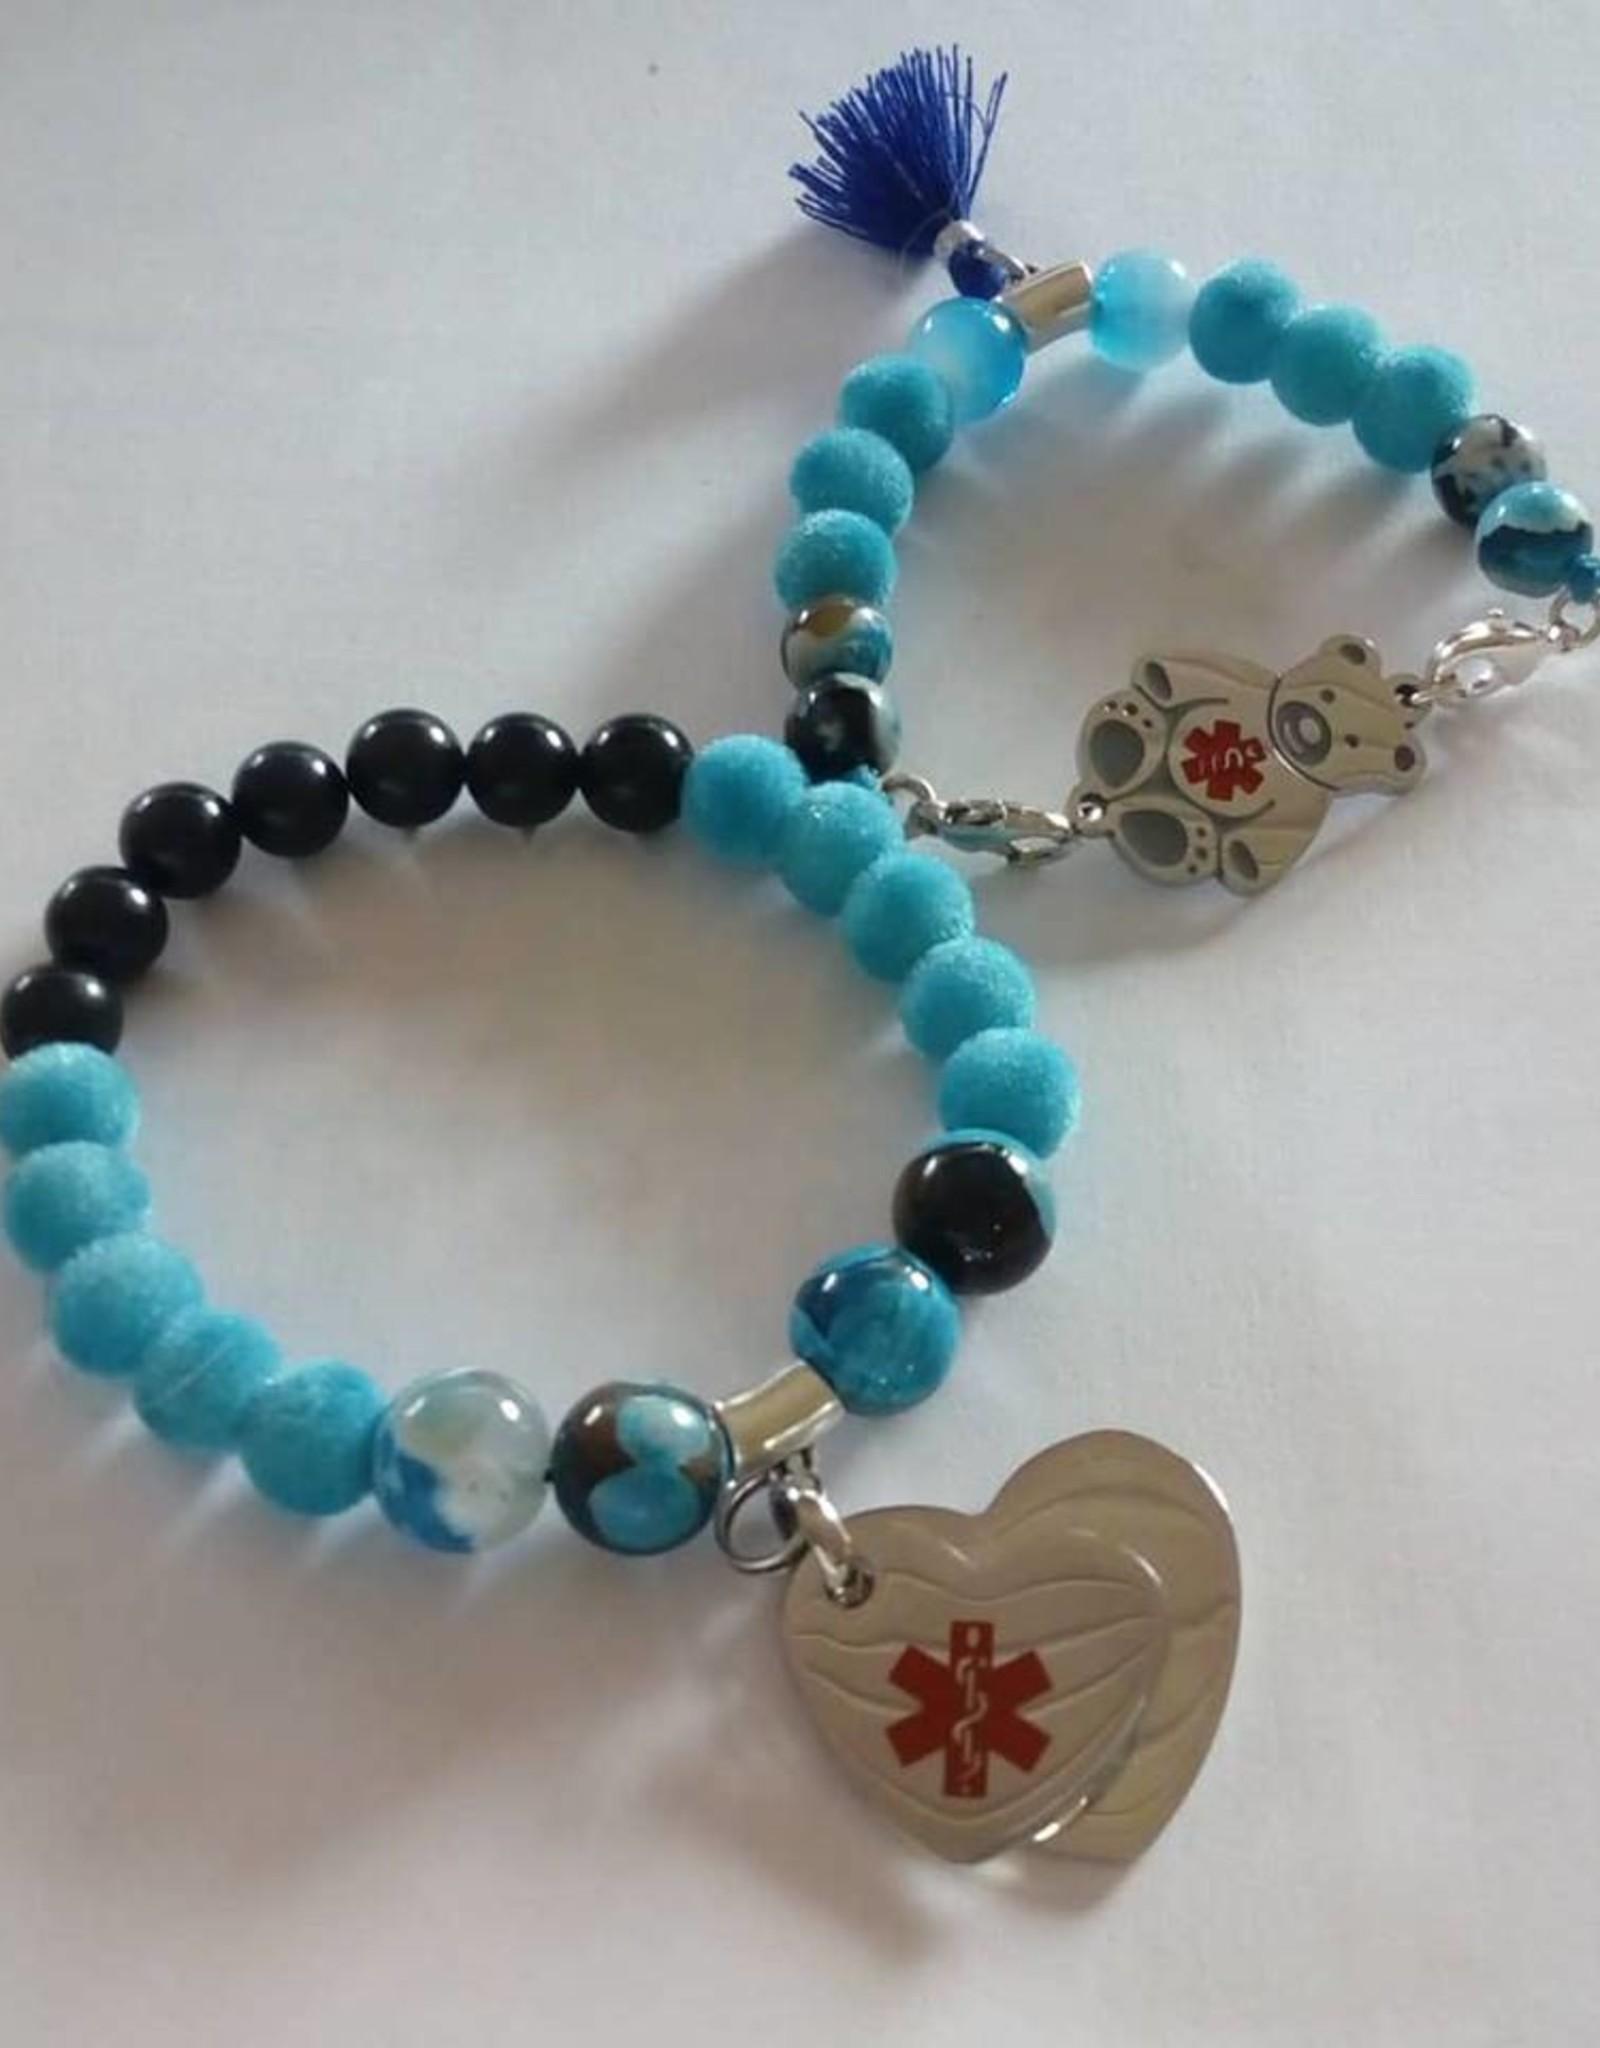 Eigen atelier Beautiful Blue combination bracelet for parent and child